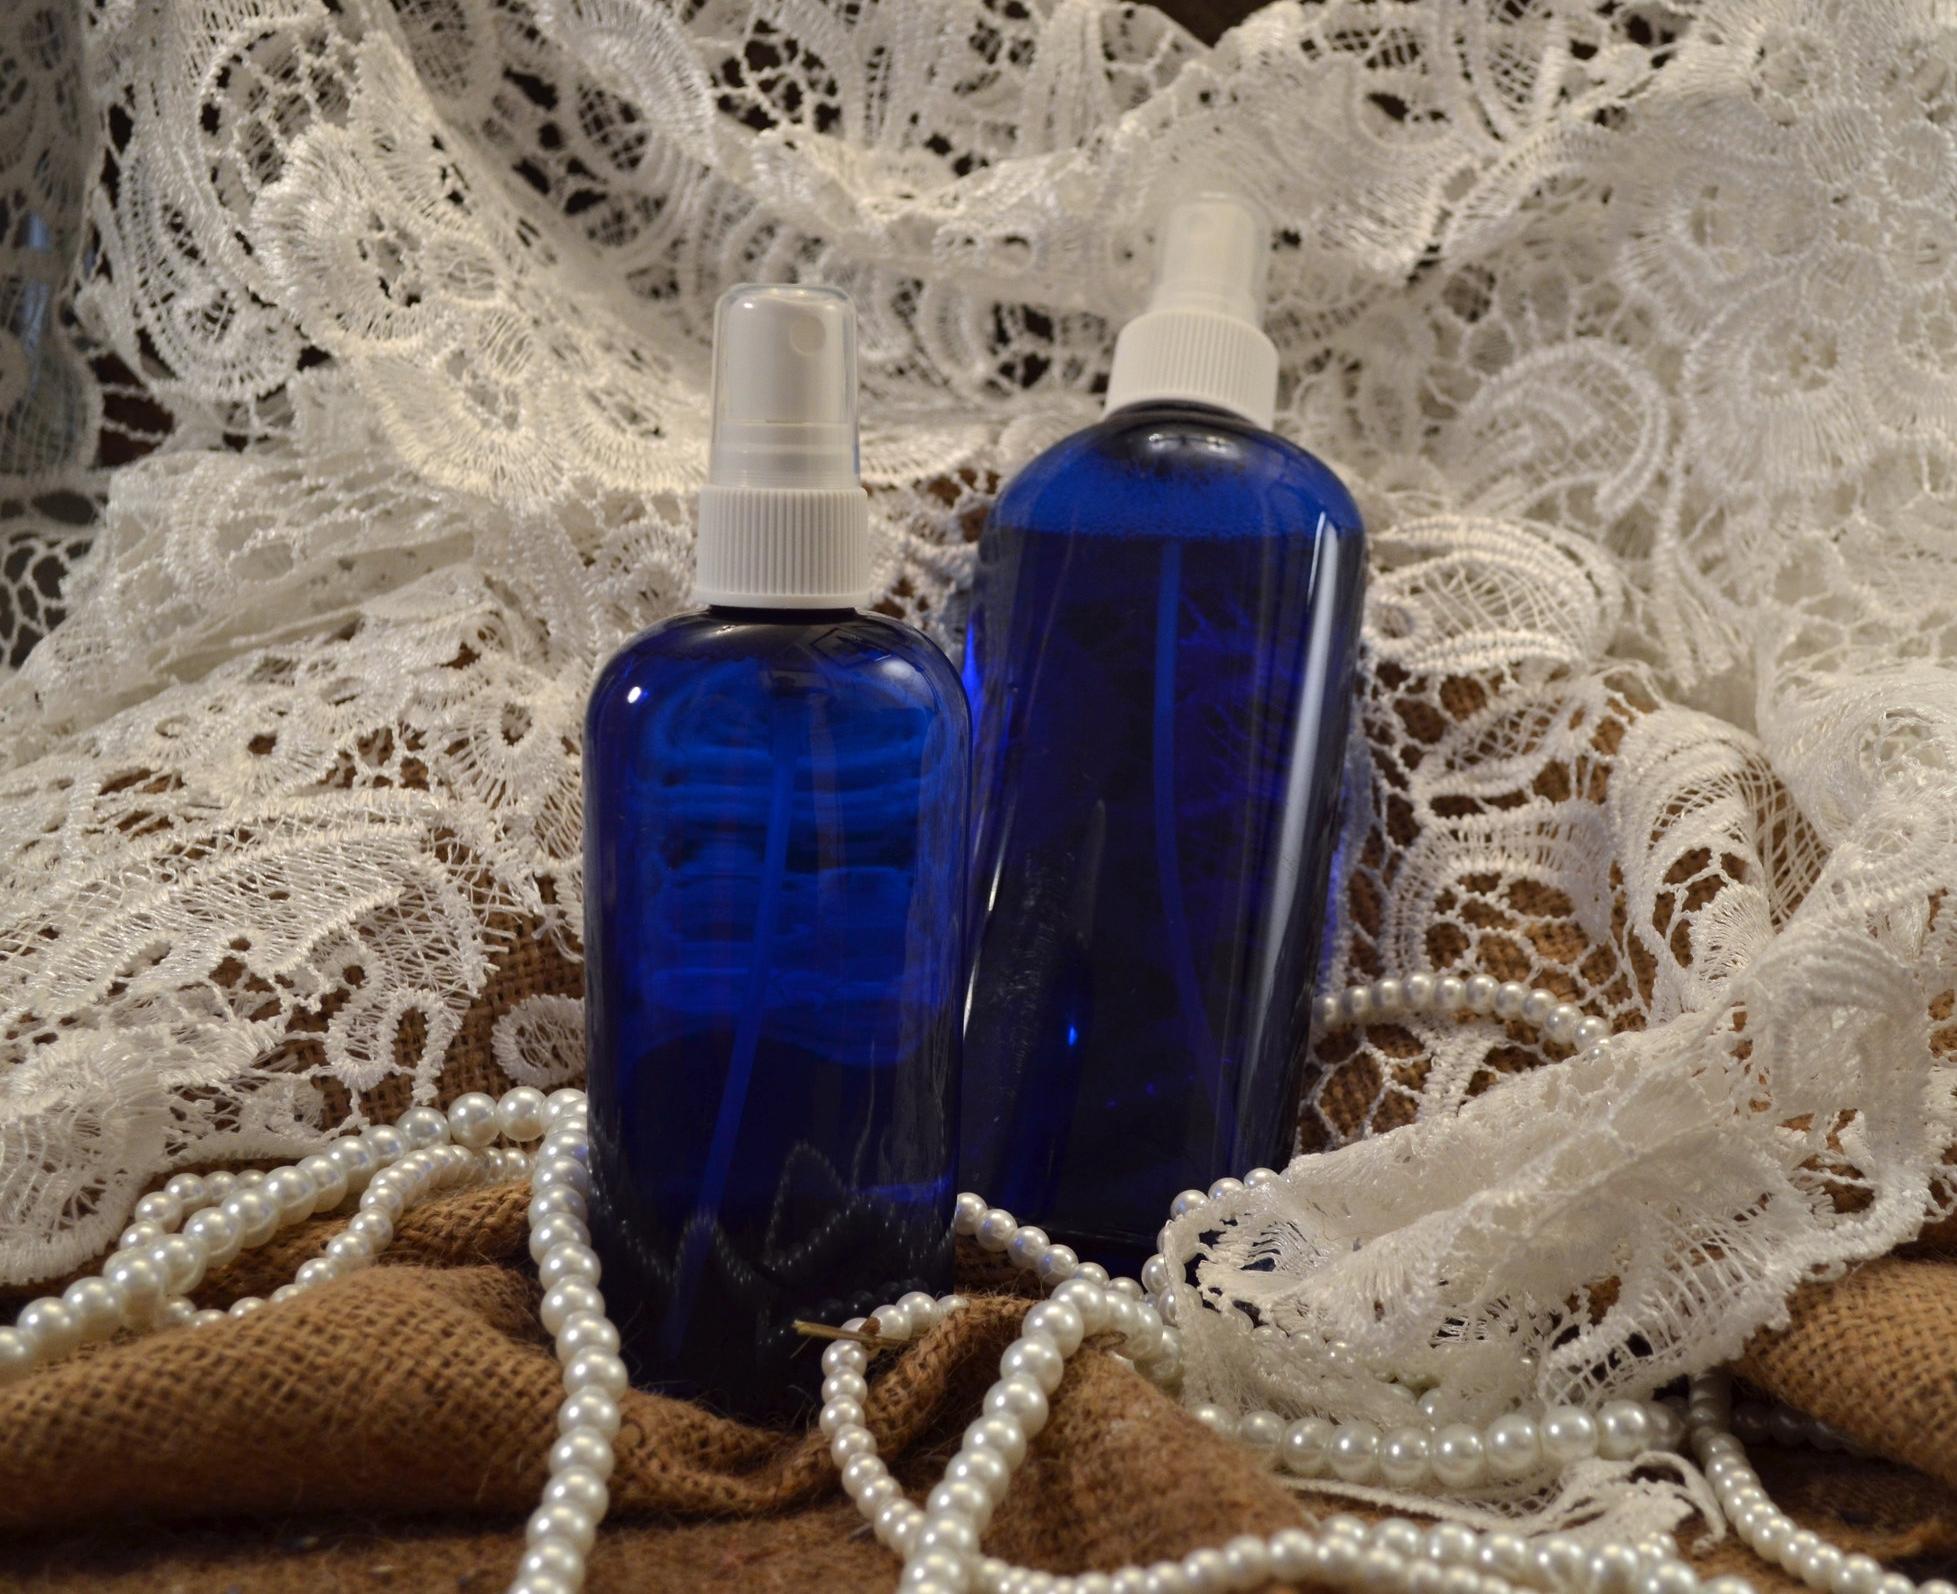 Room/Linen Spray